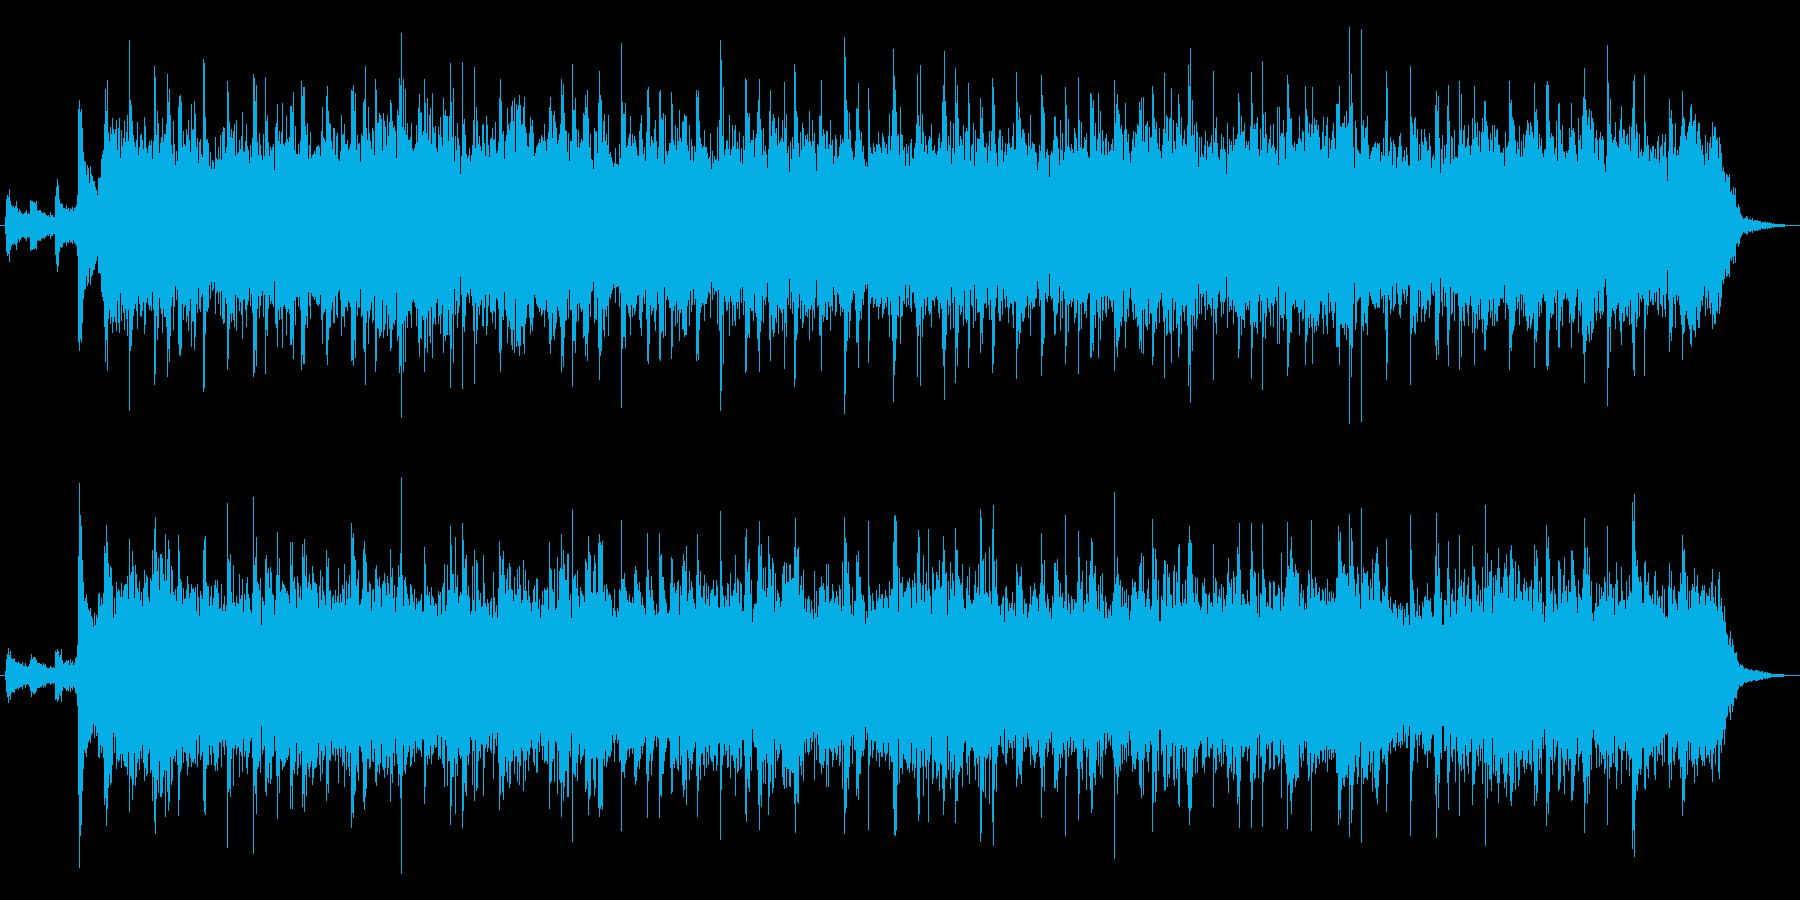 ハードロック#2/オープニング/入場の再生済みの波形